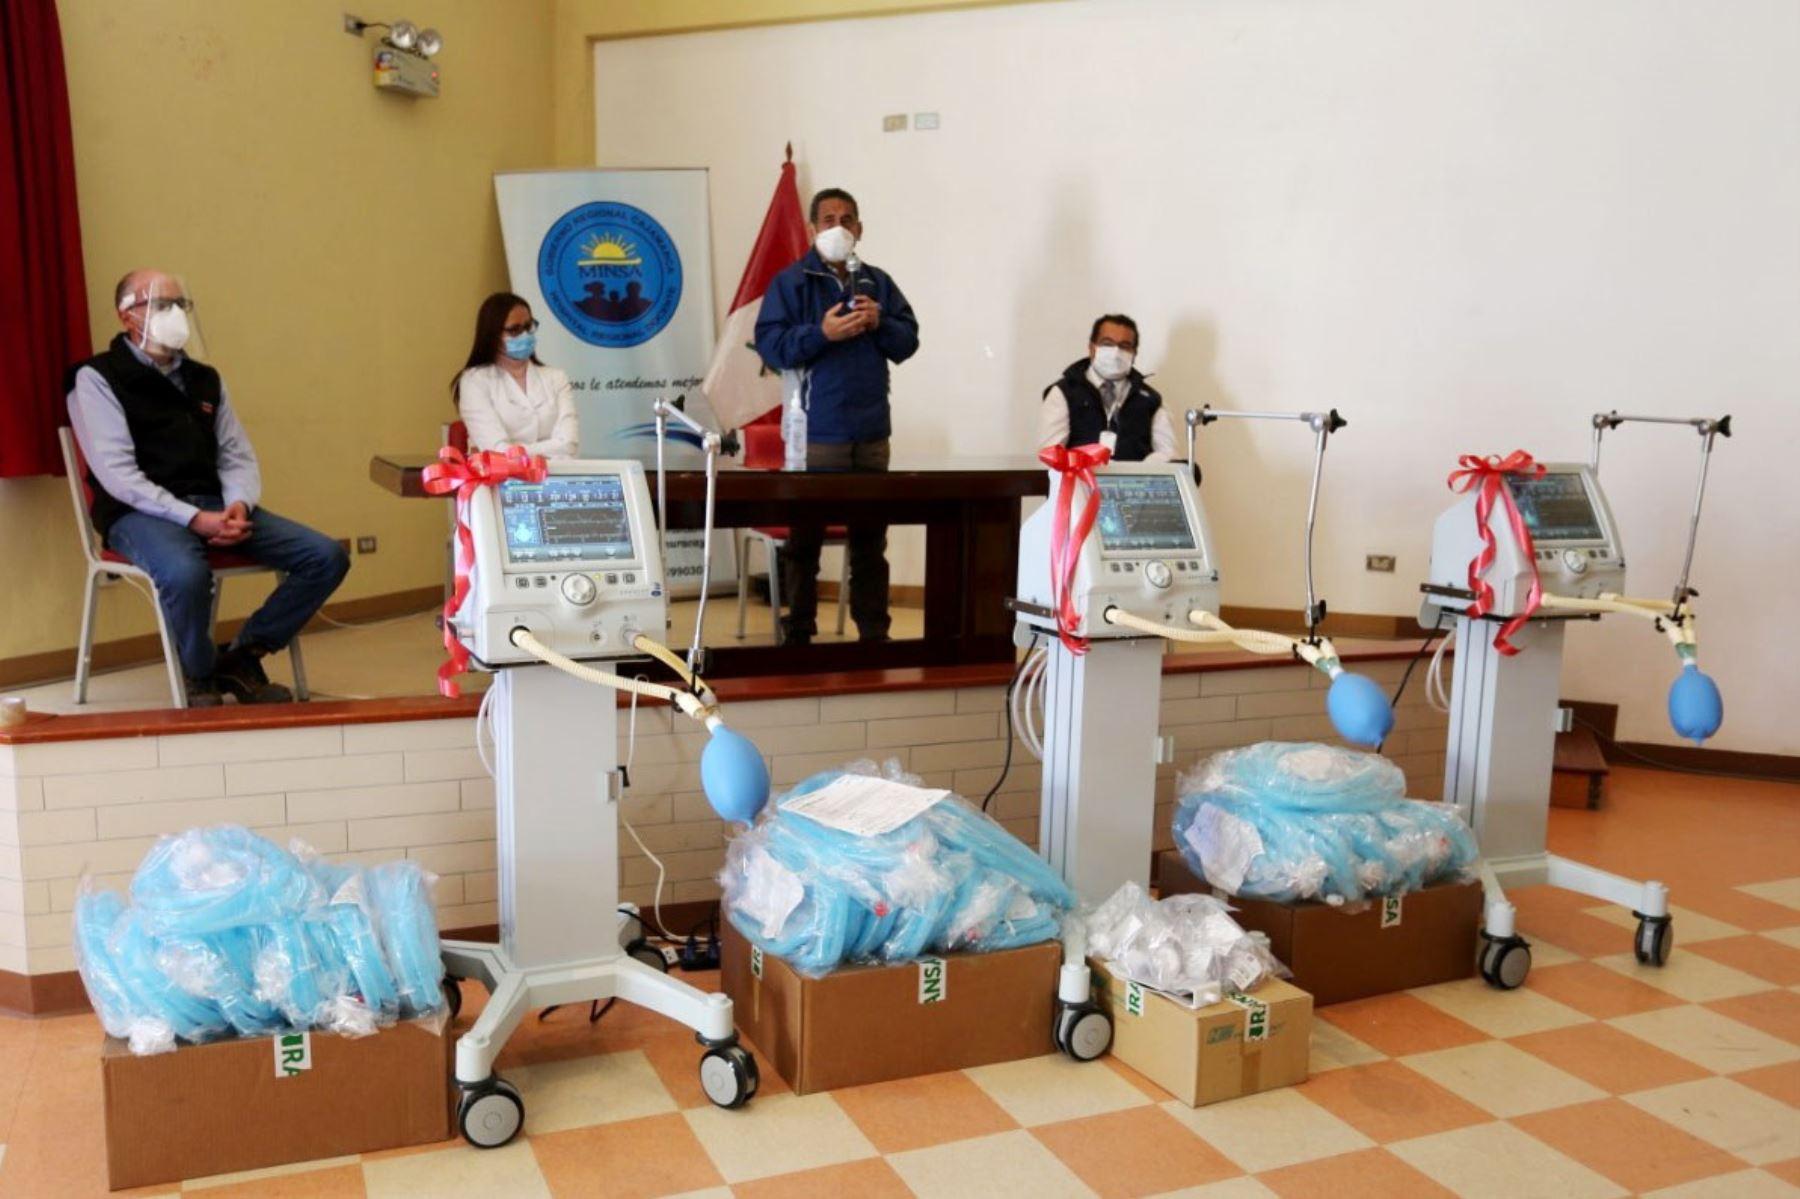 La minera Yanacocha entregó hoy 3 de los 6 ventiladores mecánicos que donará al Hospital Regional de Cajamarca. Foto: Cortesía Eduard Lozano Julca